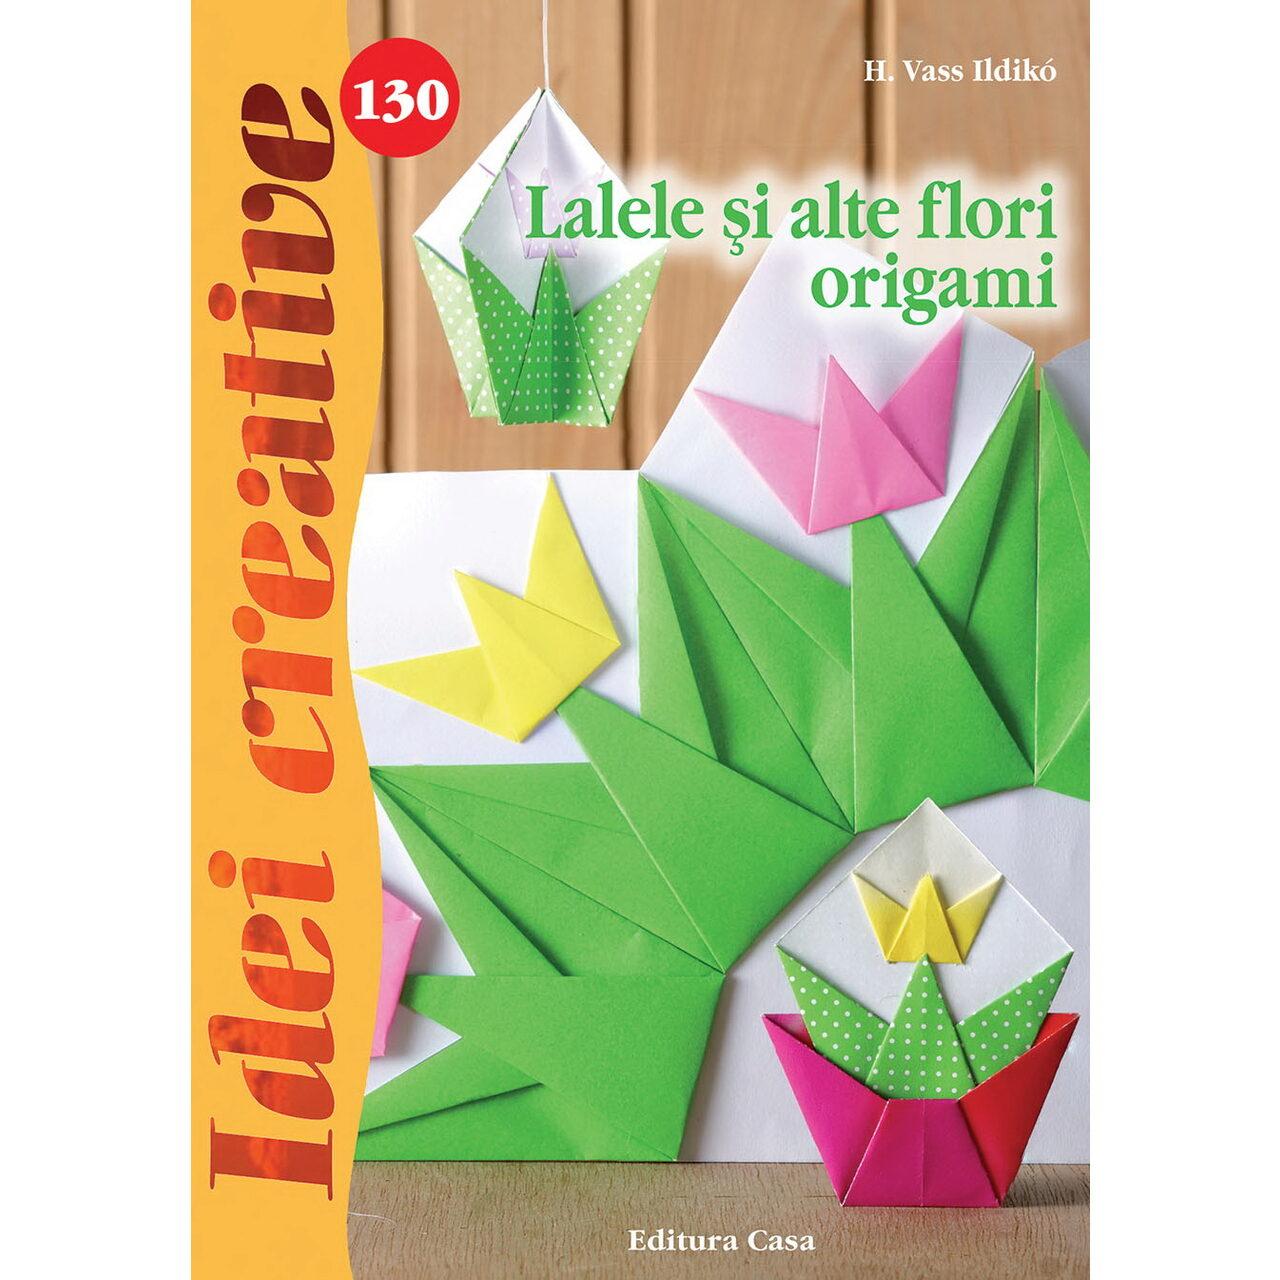 Lalele şi alte flori origami - Idei creative nr. 130 imagine edituracasa.ro